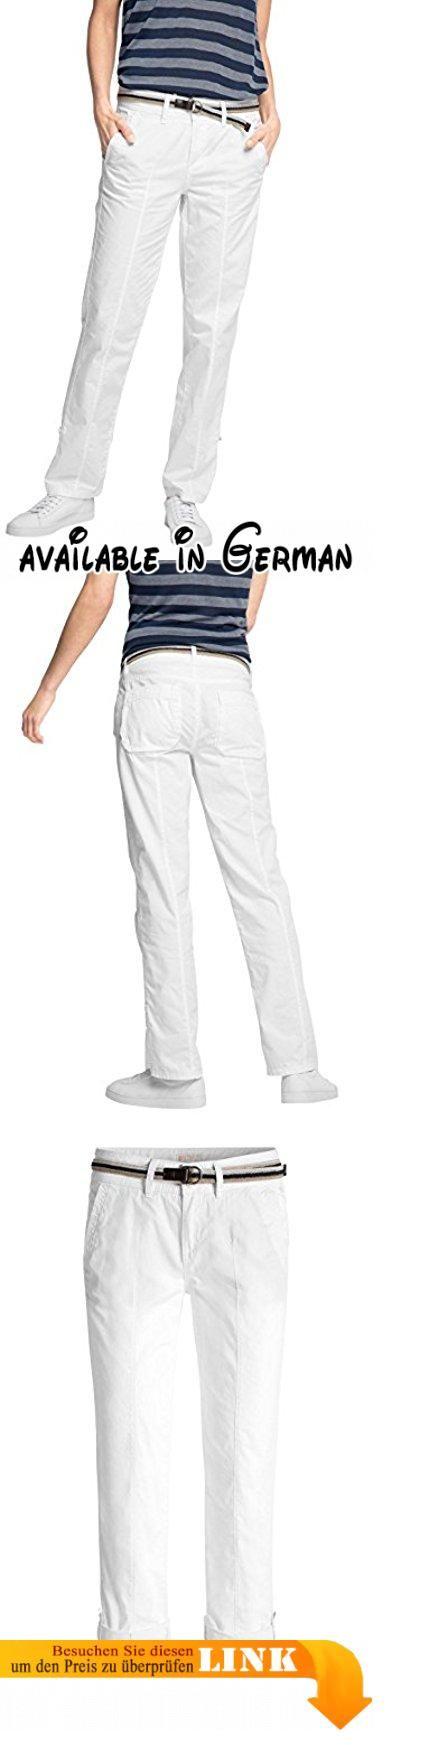 ESPRIT Damen Hose 046EE1B025-mit Gürtel, Weiß (White 100), 36/L30 (Herstellergröße: 36). Variable Turn-Up-Hose aus luftiger Baumwolle mit Gürtel. Hosenbeine lassen sich krempeln und per Knopf und Riegel befestigen - für die Capri-Länge. Relaxed #Apparel #PANTS